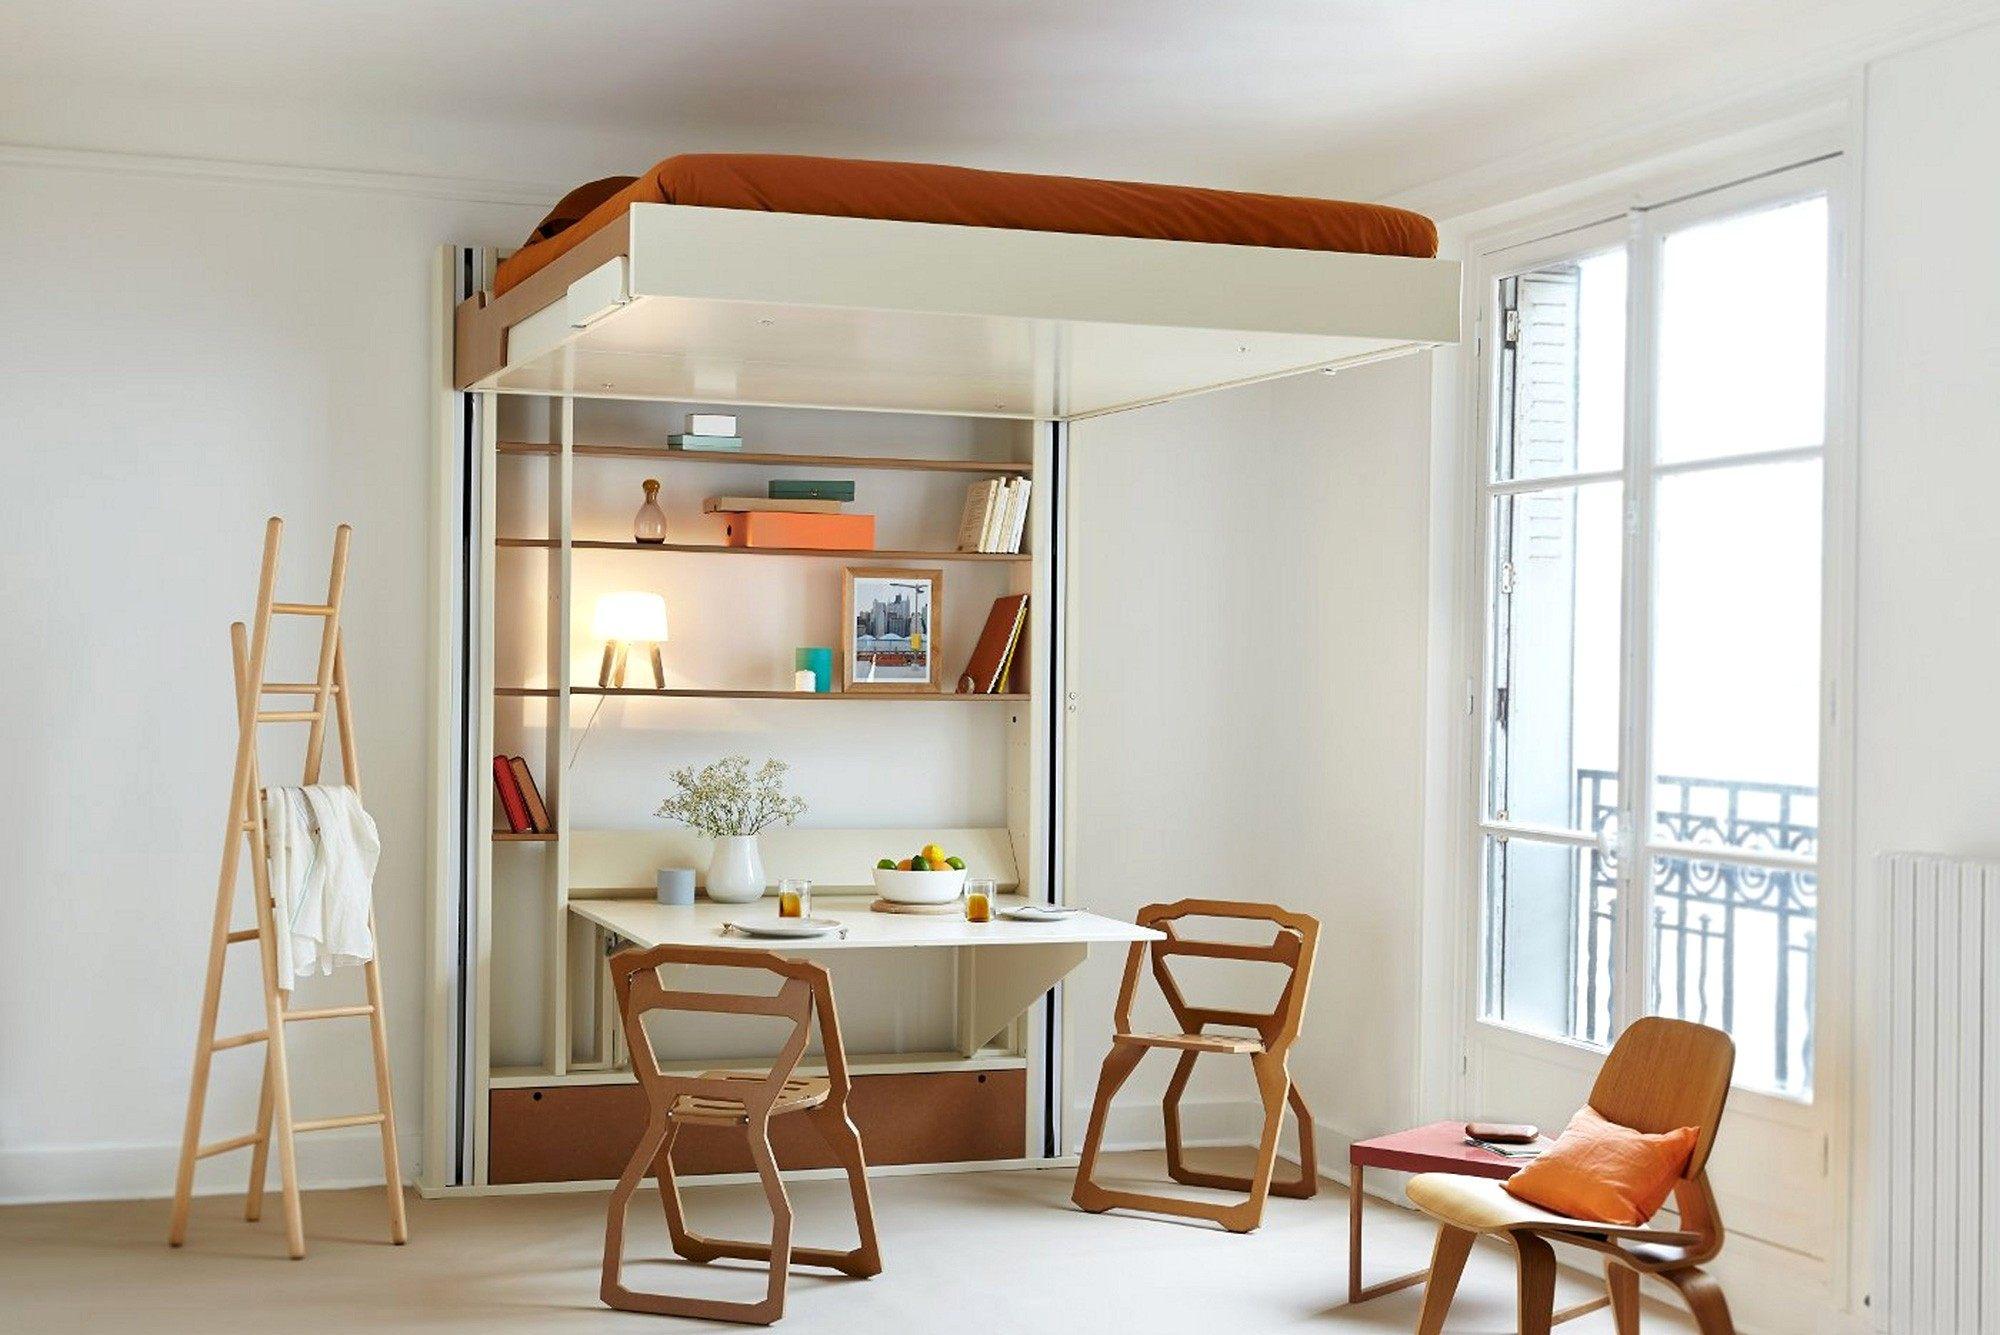 Lit Canapé Ikea Génial Belle Lit Escamotable Avec Canapé Avec Lit Biné Armoire Fresh Lit